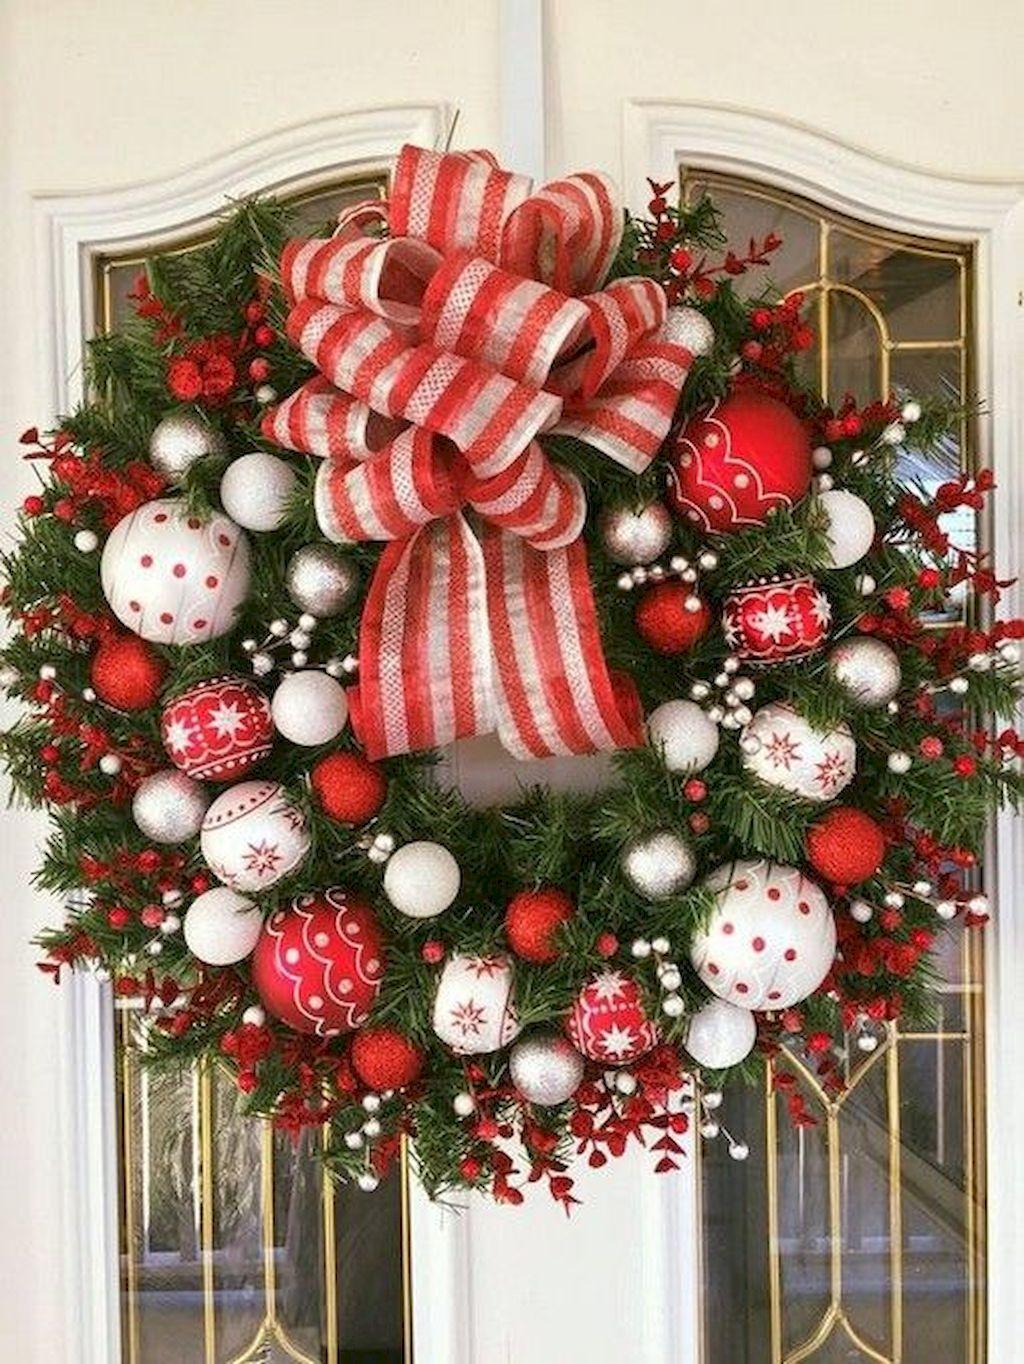 40 Last Minutes Diy Christmas Wreaths Ideas Christmas Wreaths Diy Christmas Wreaths Christmas Decorations Wreaths